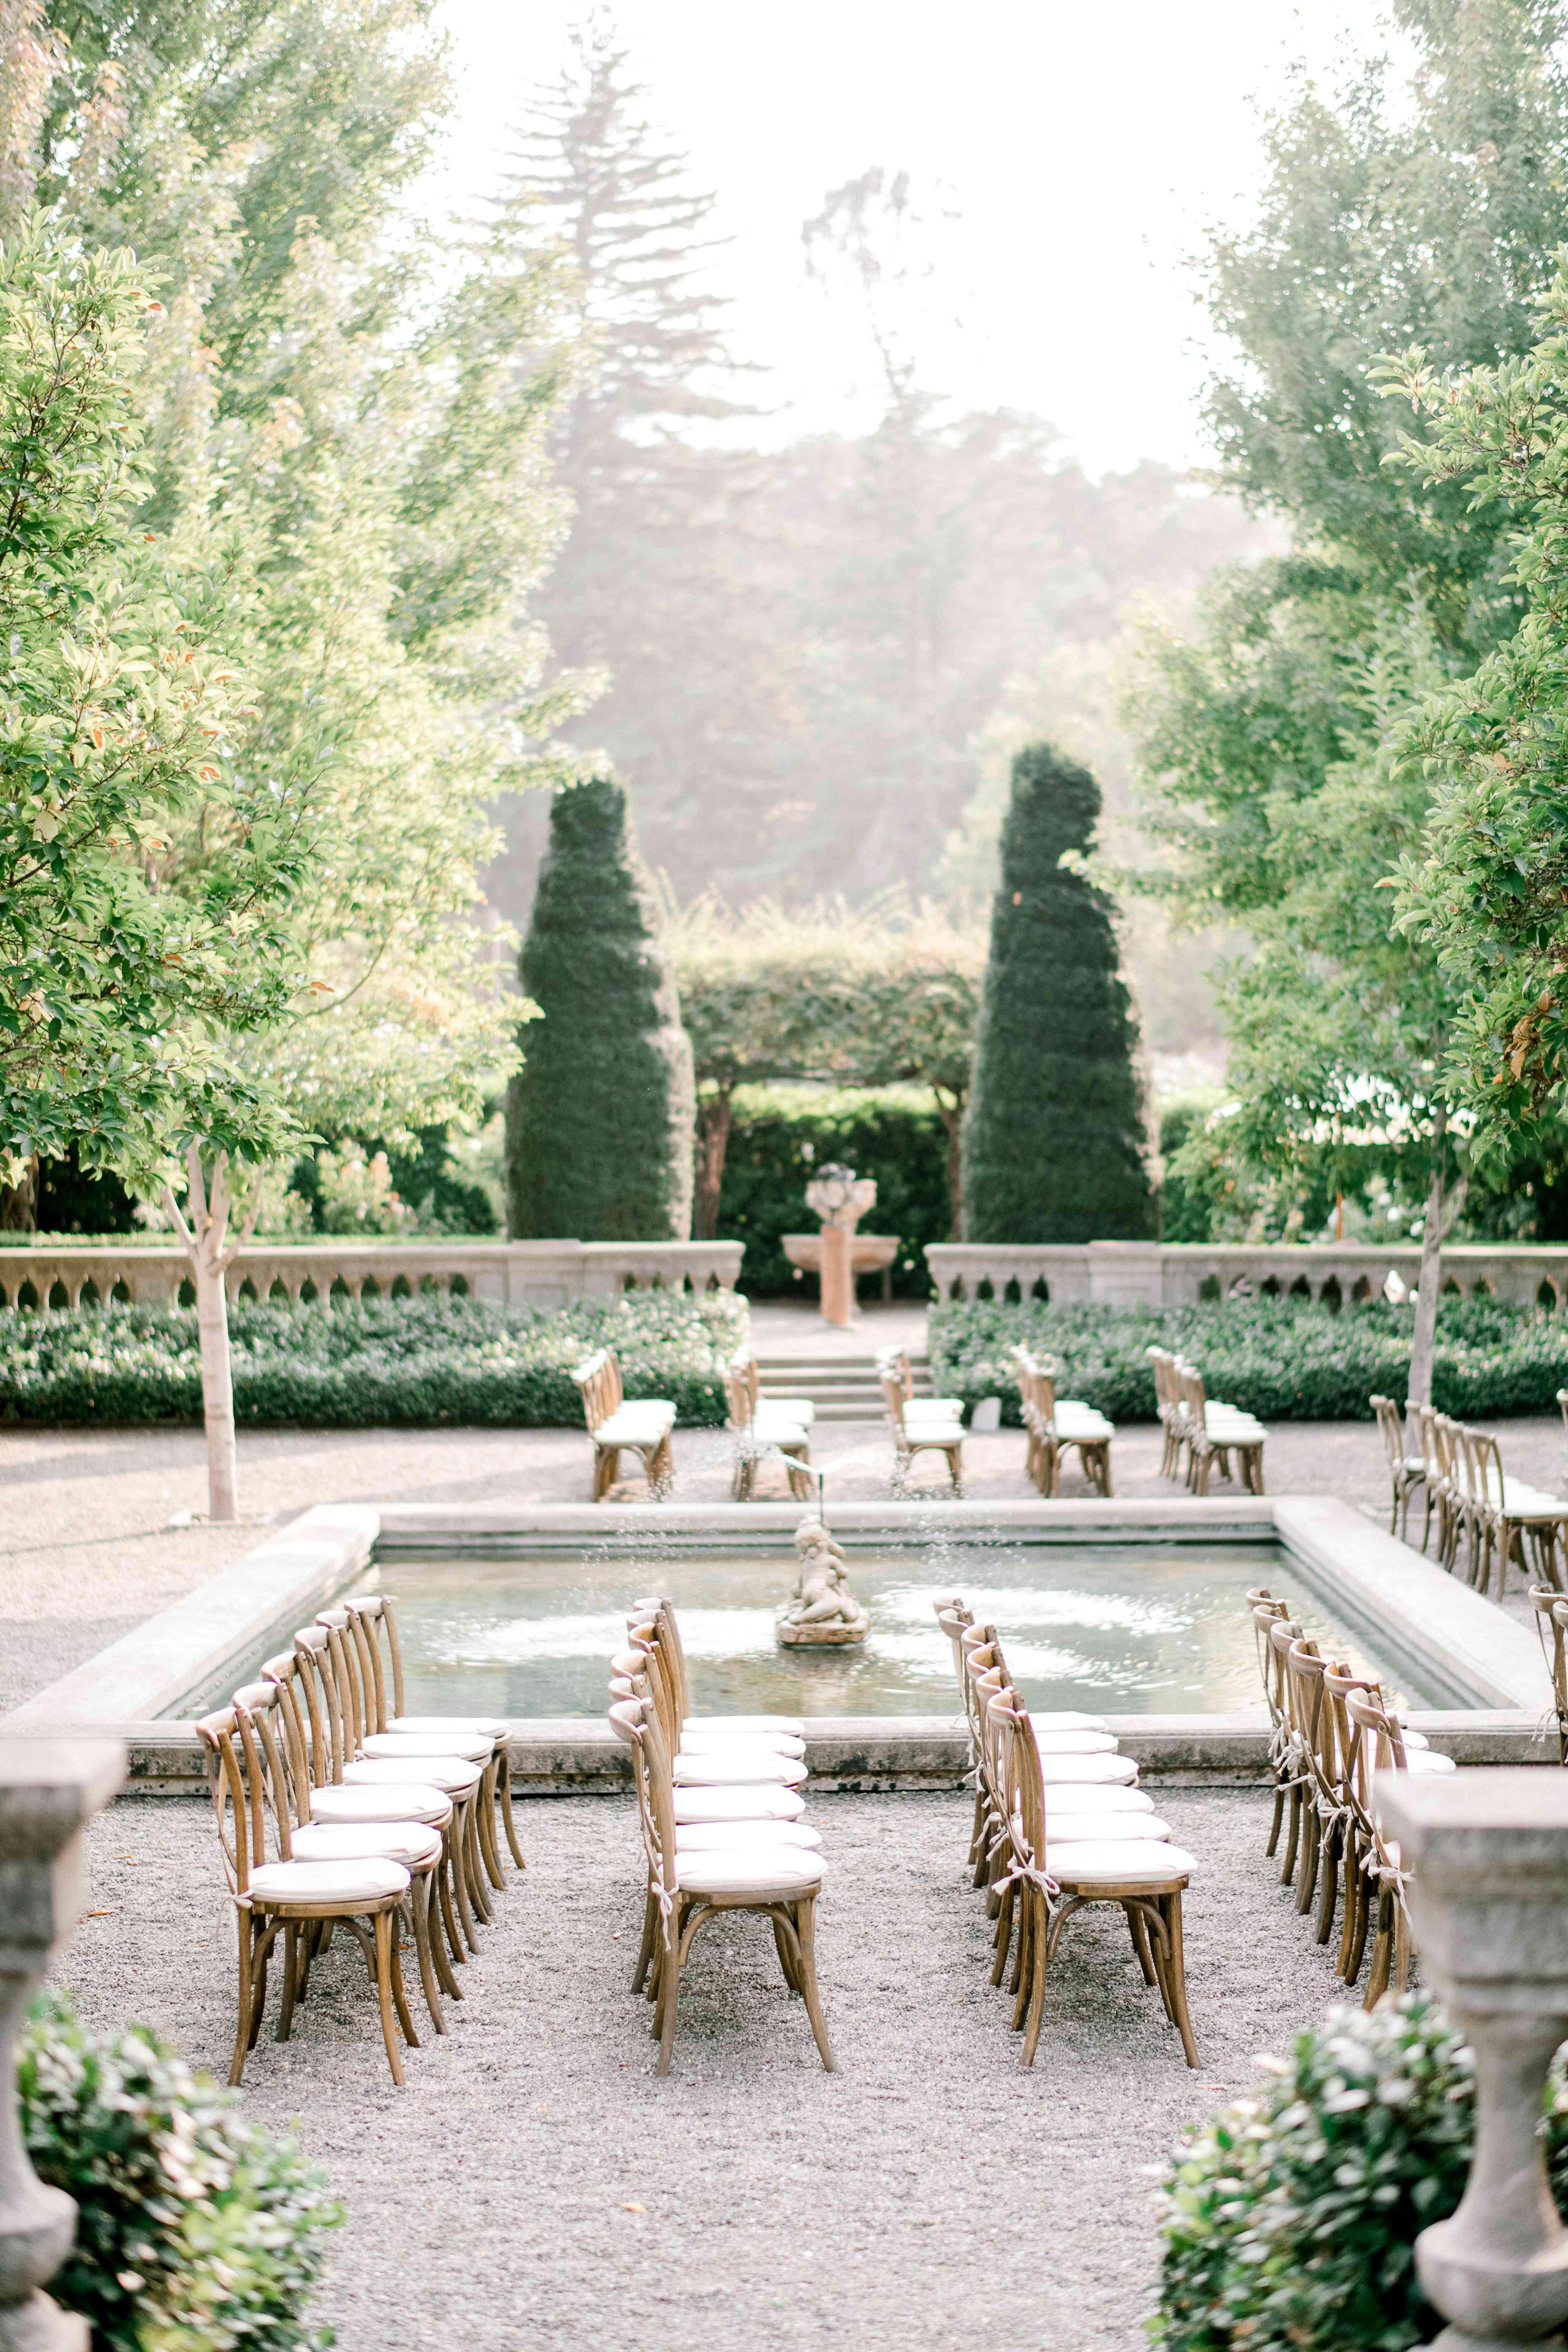 Wedding ceremony in a garden courtyard